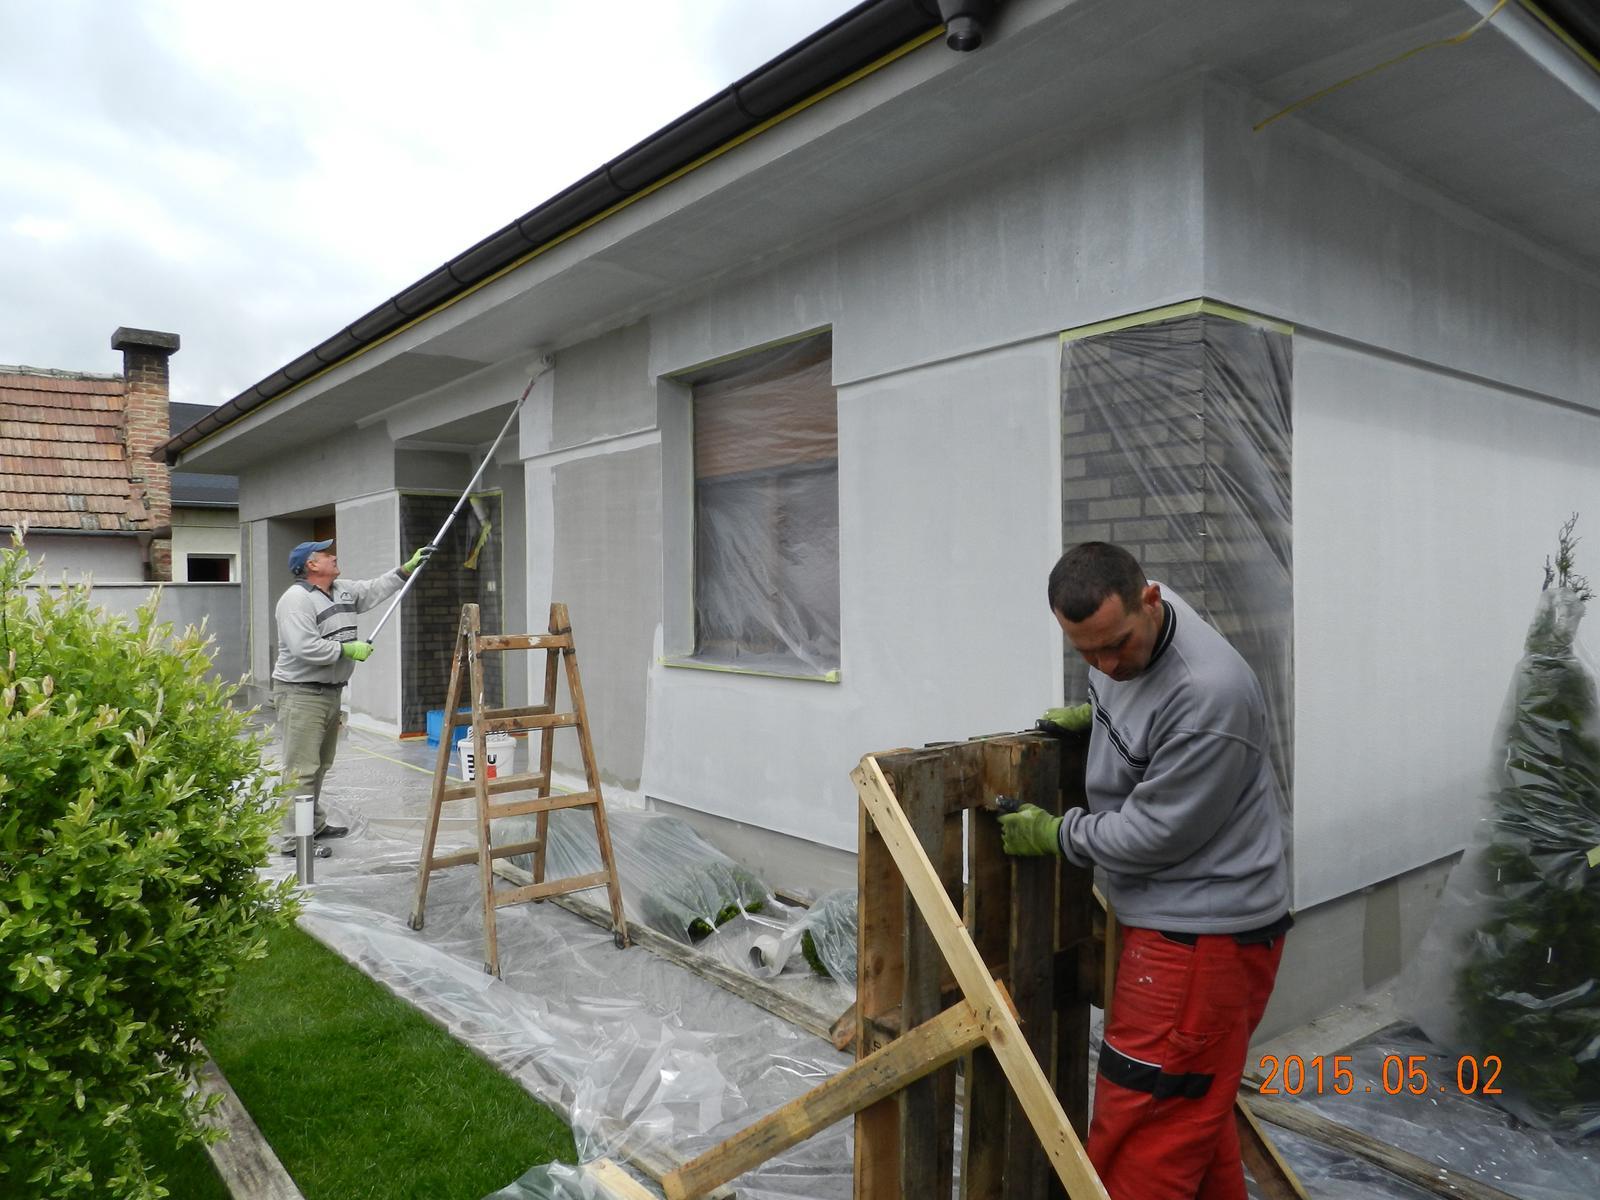 Pokračujeme fasádou 2014 jeseň - 2015. máj - penetrákom pretreme dom